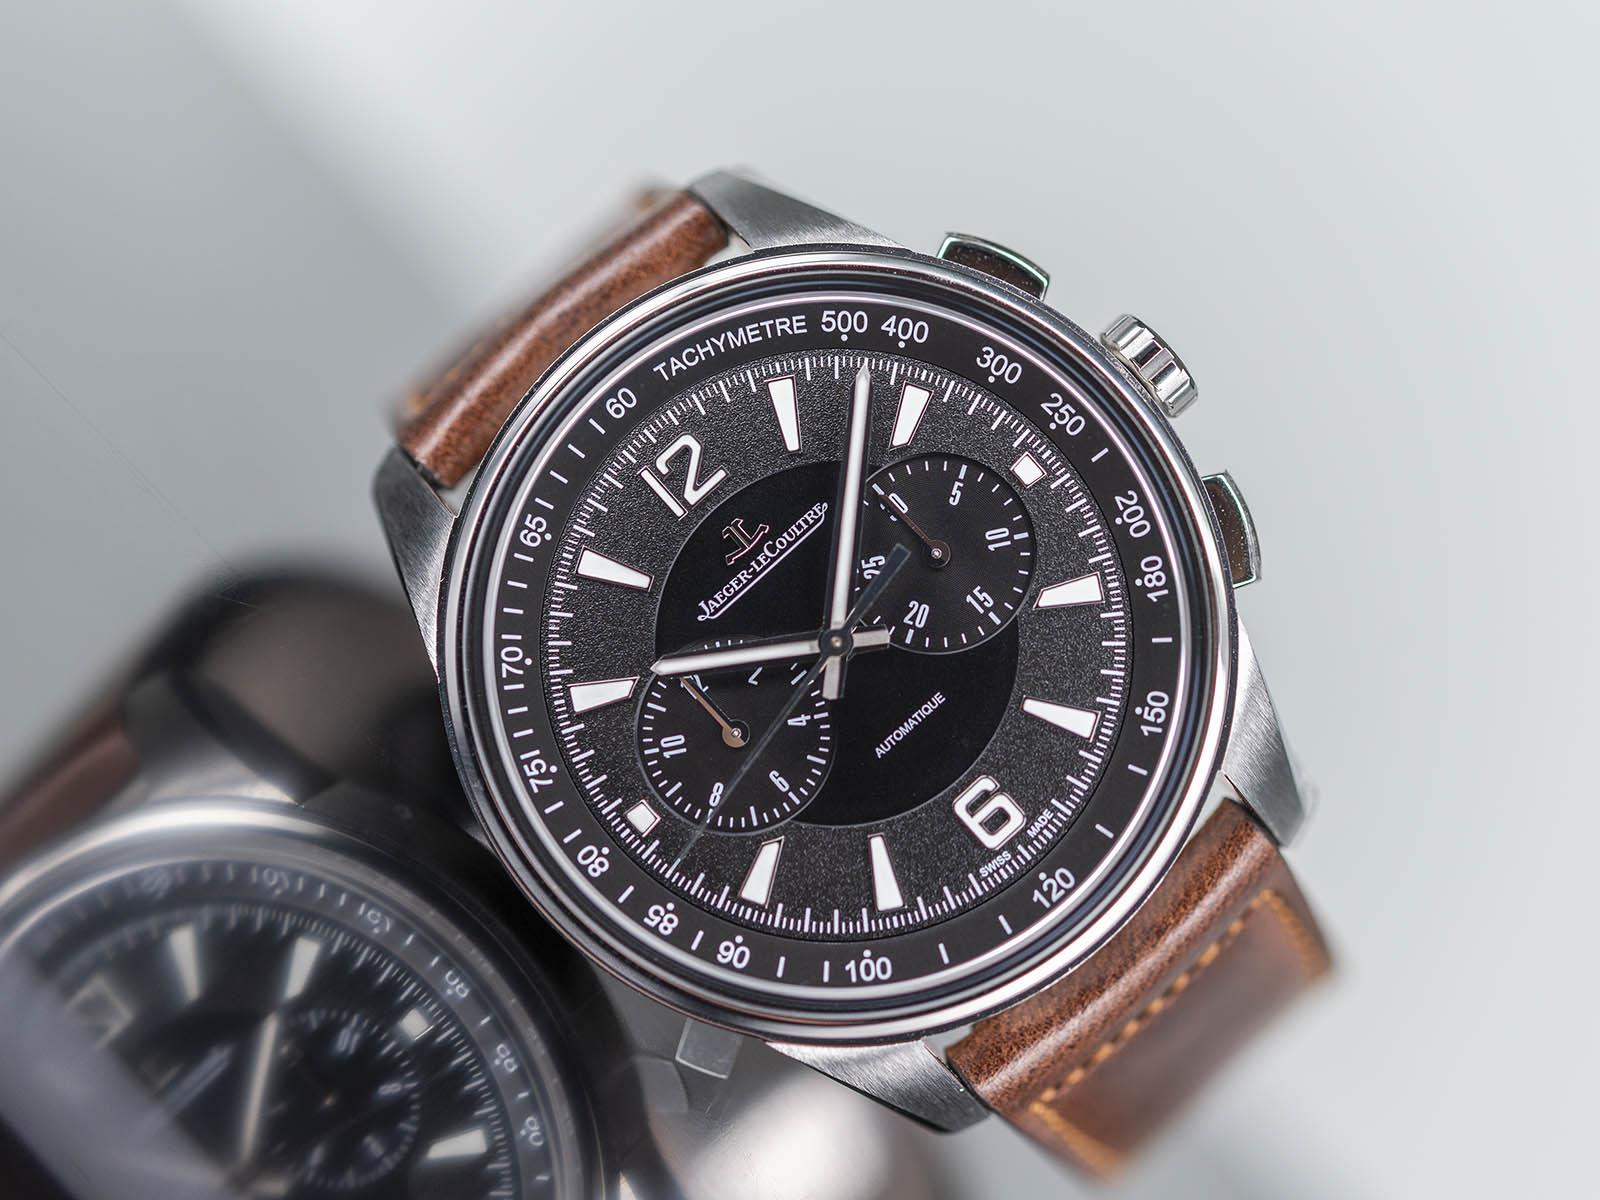 9028471-jaeger-lecoultre-polaris-chronograph-stainless-steel-3.jpg